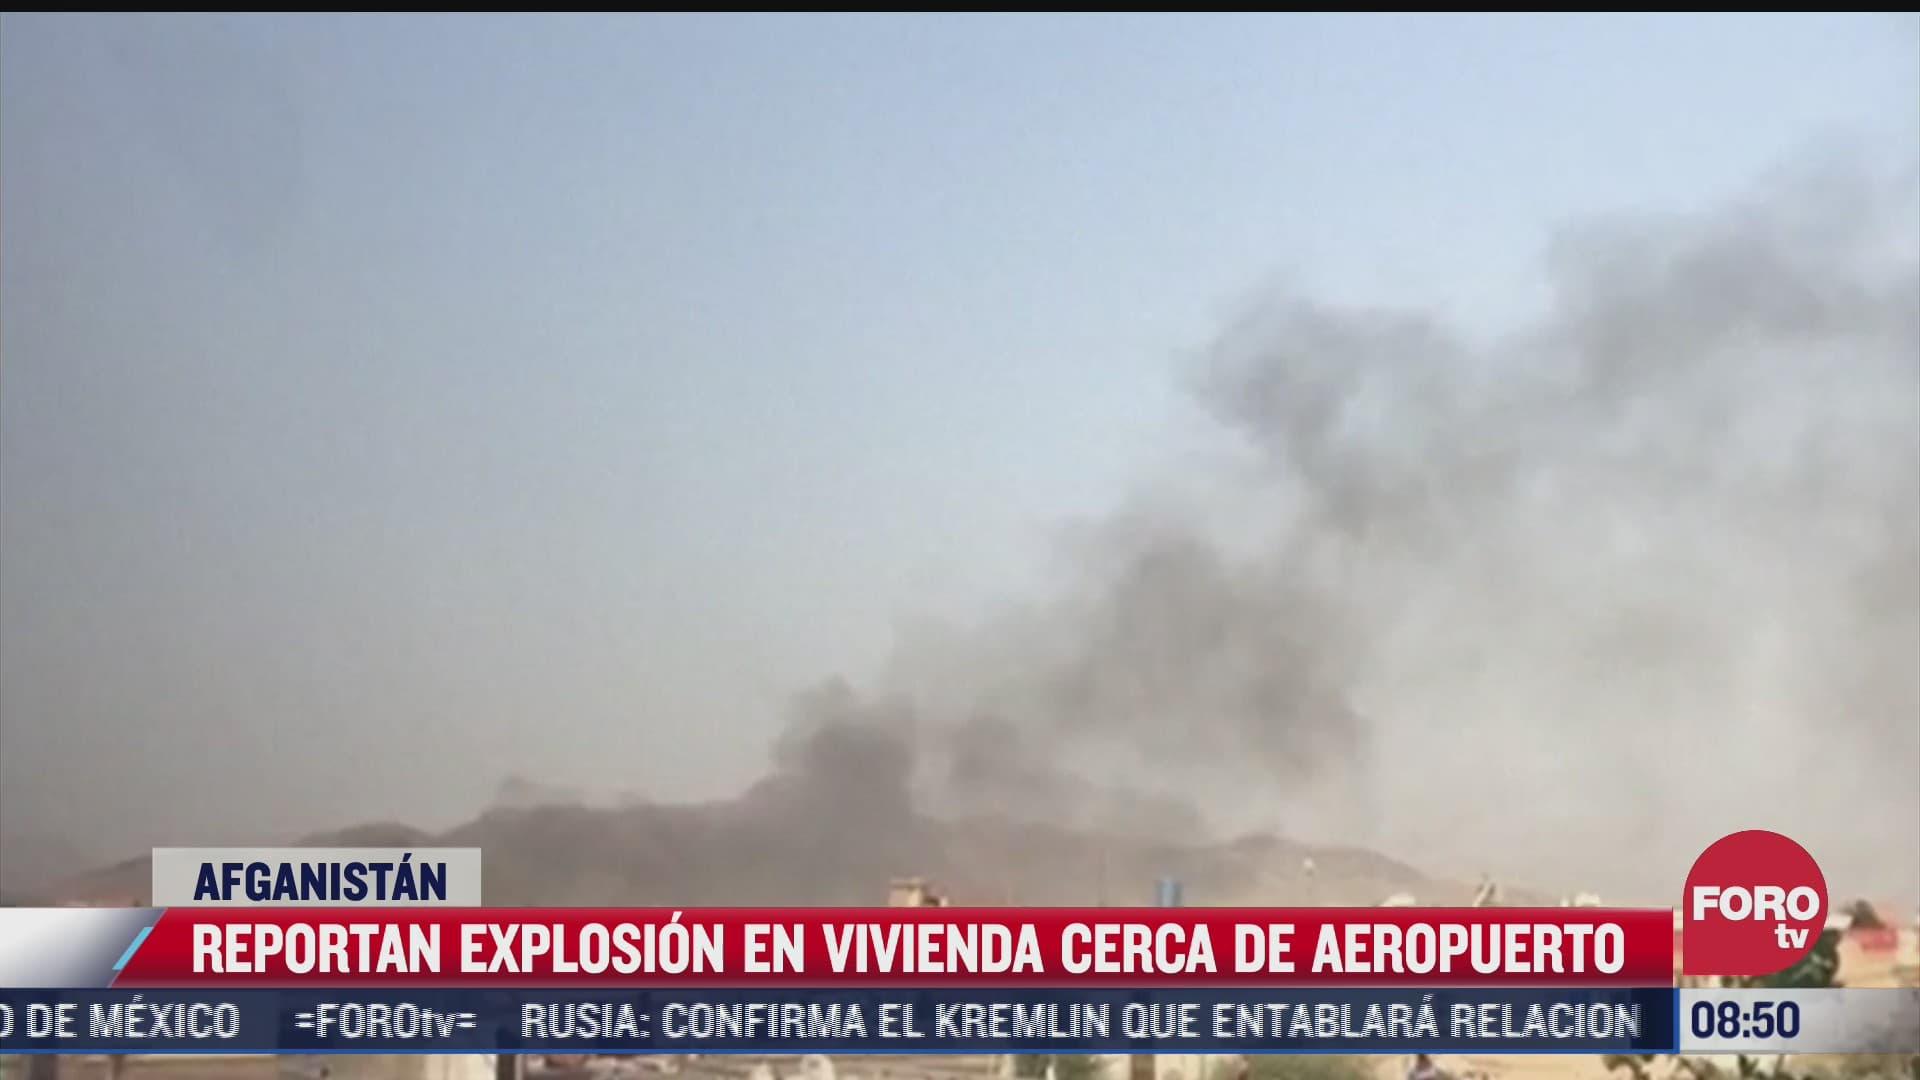 reportan explosion en edificio cercano al aeropuerto de kabul en afganistan